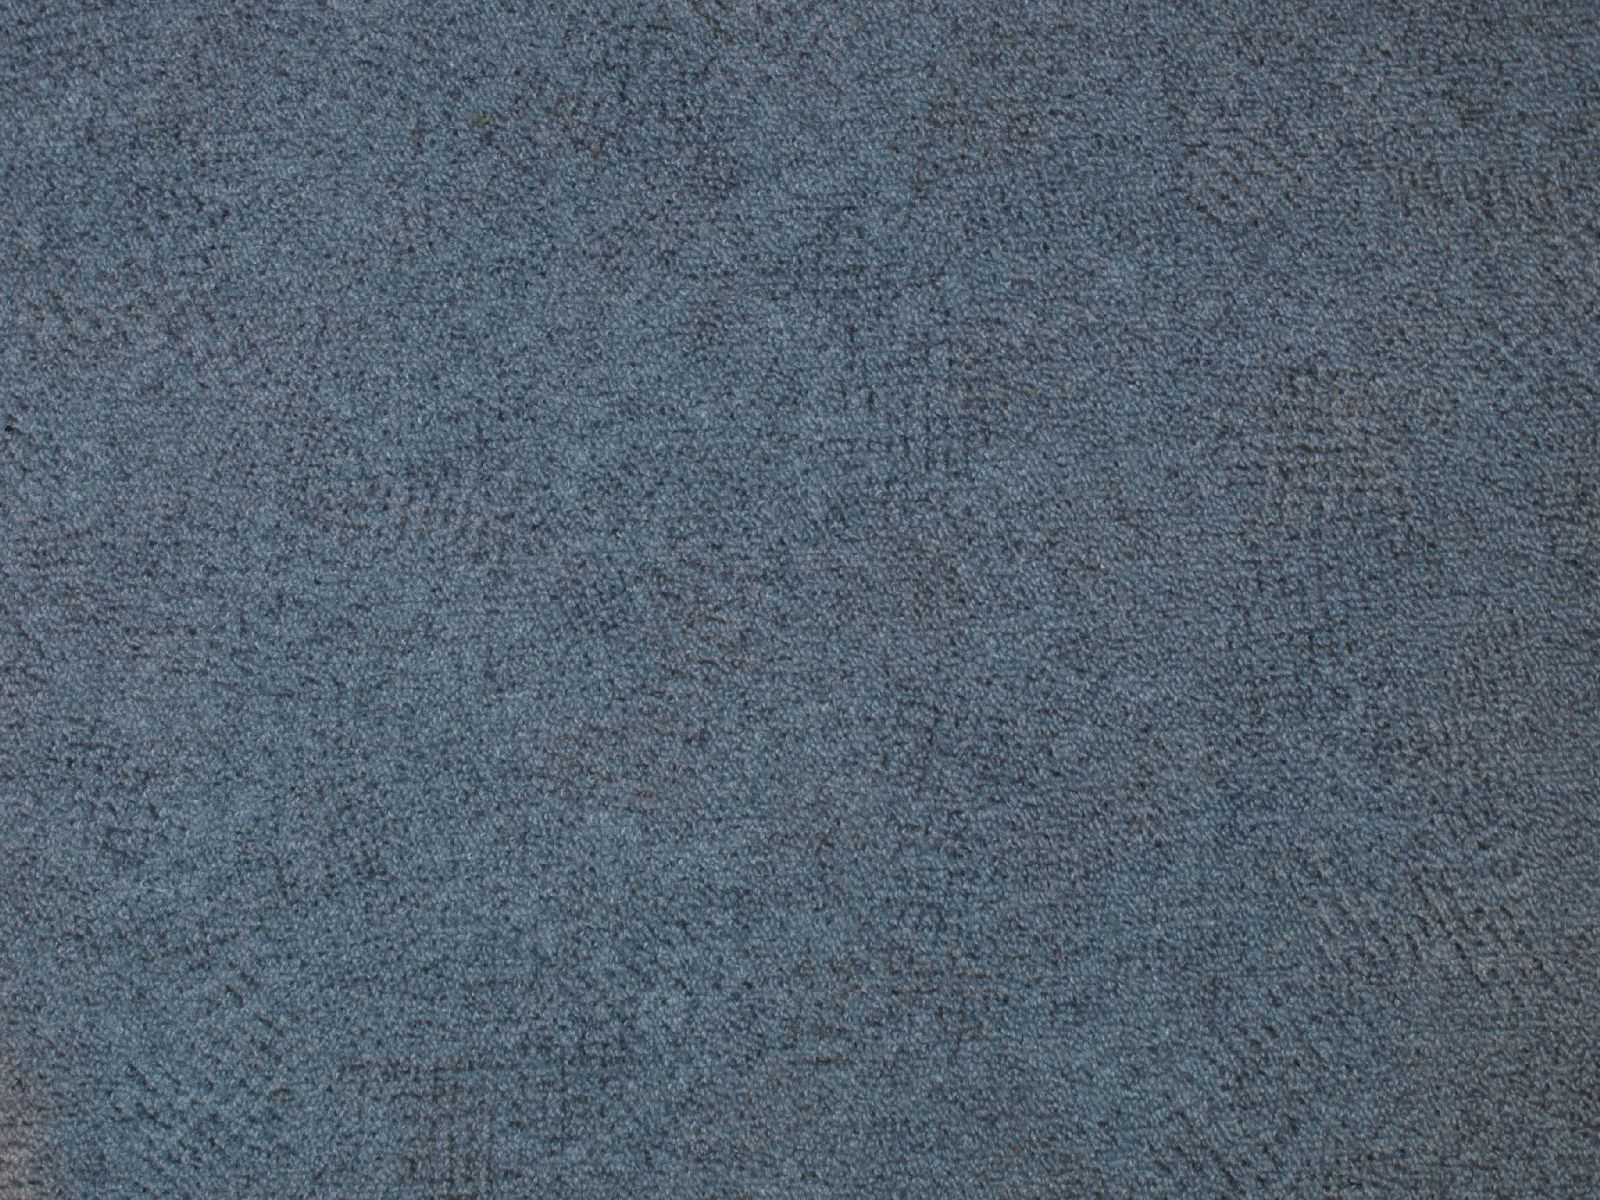 Innenraum-Material_Textur_A_PA230407